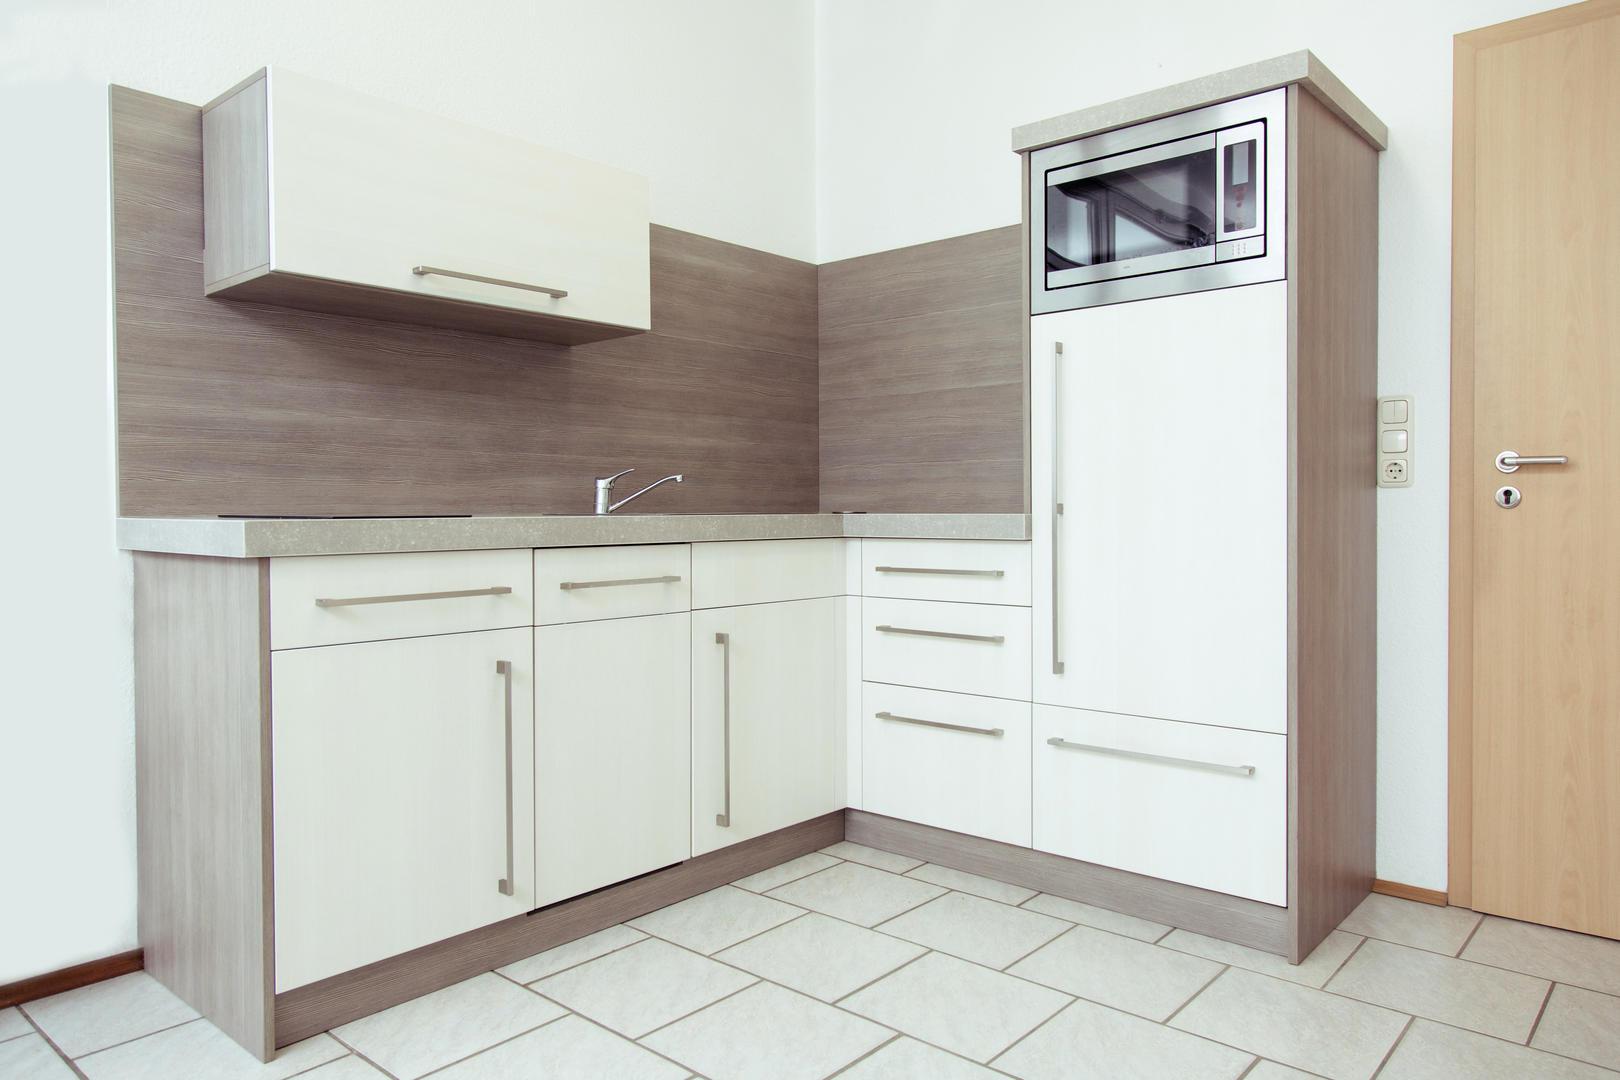 Küche - Wohnwelten | Nordic Design Tischlerei GmbH - Greifswald